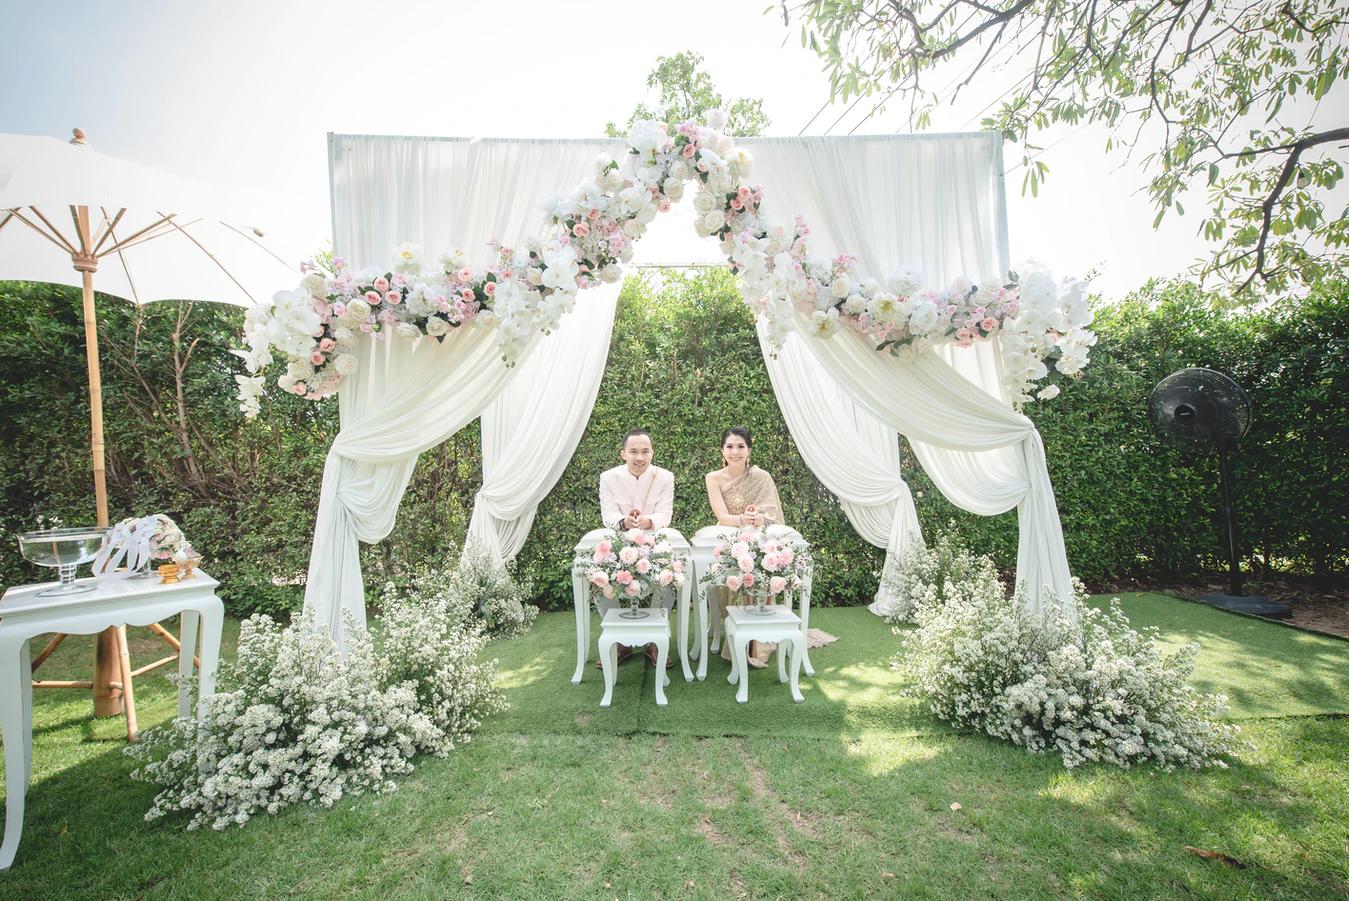 Plan a comfortable wedding for everyone |Wedding